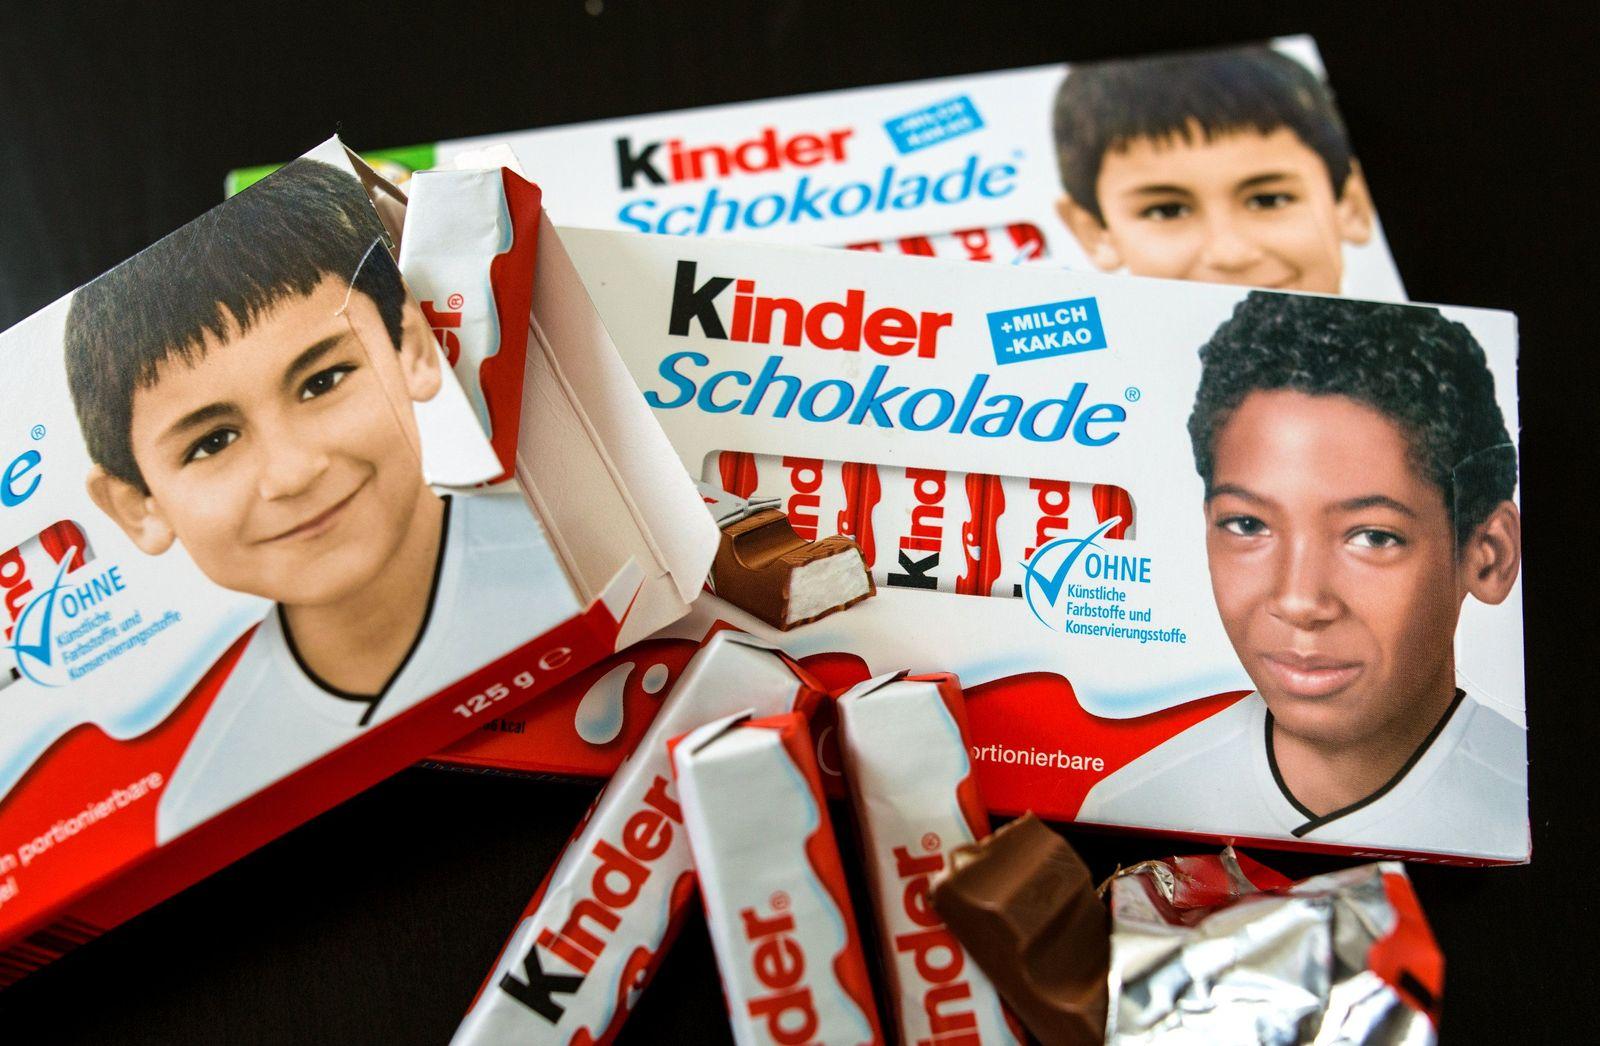 Fußball-Nationalspieler auf Kinderschokolade-Packung